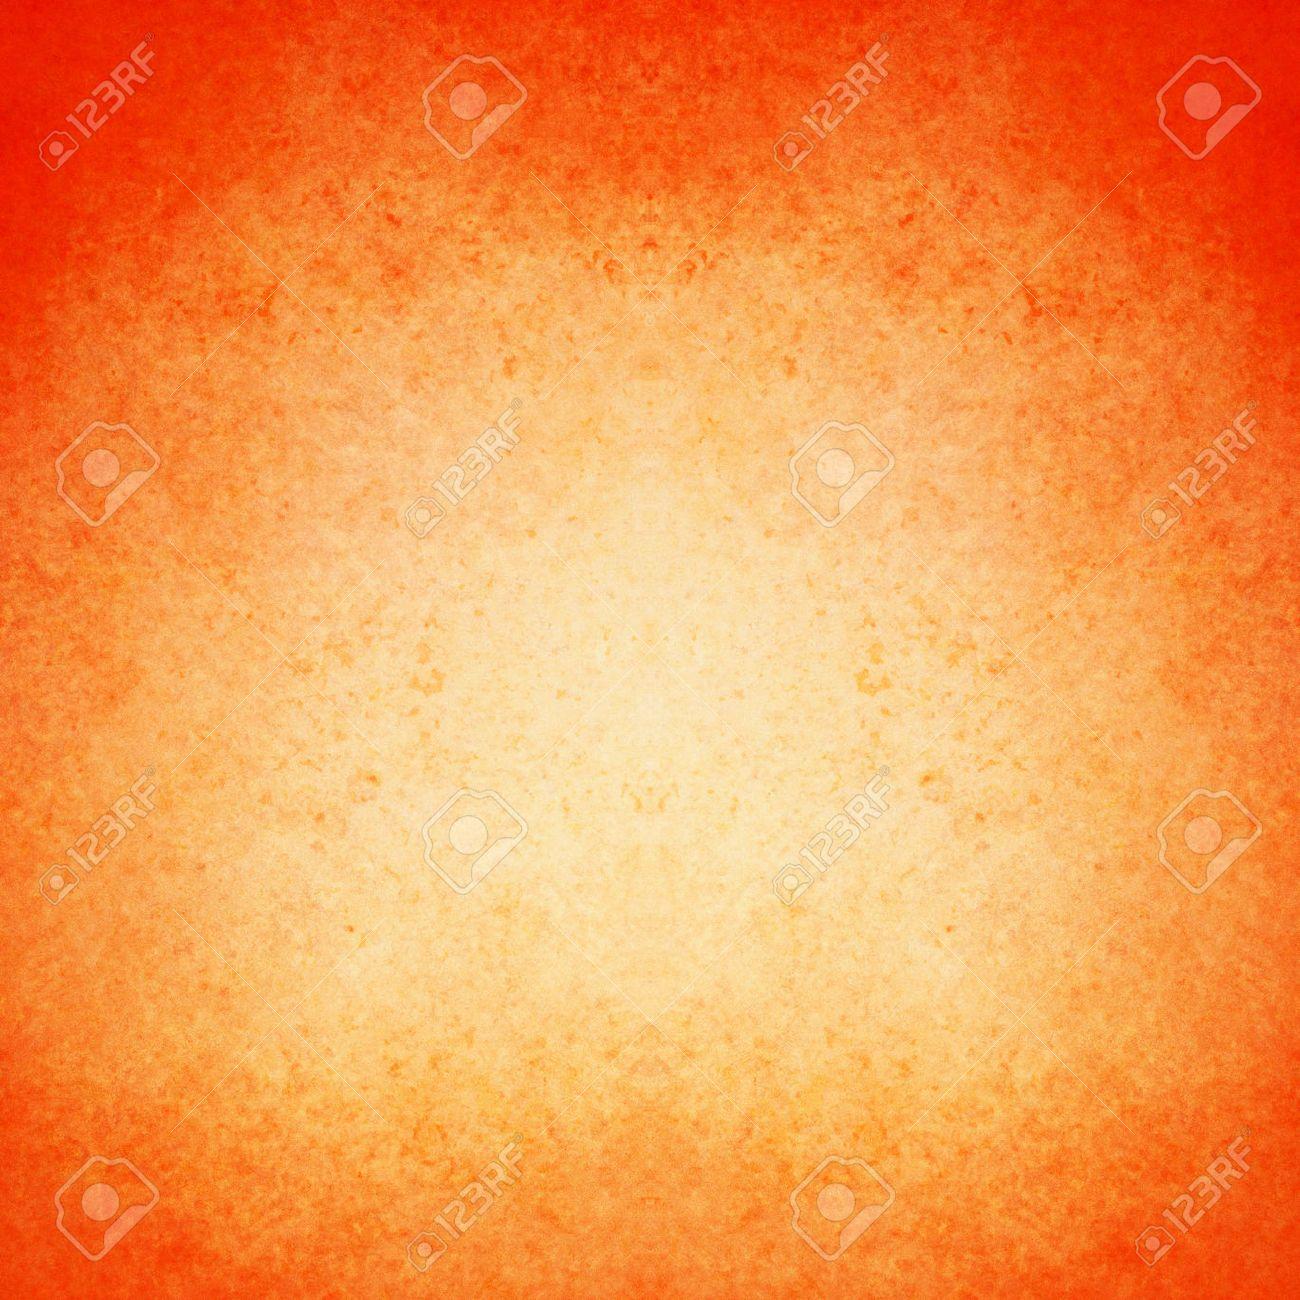 Soft Orange Color Abstract Orange Background Warm Color White Center Dark Frame